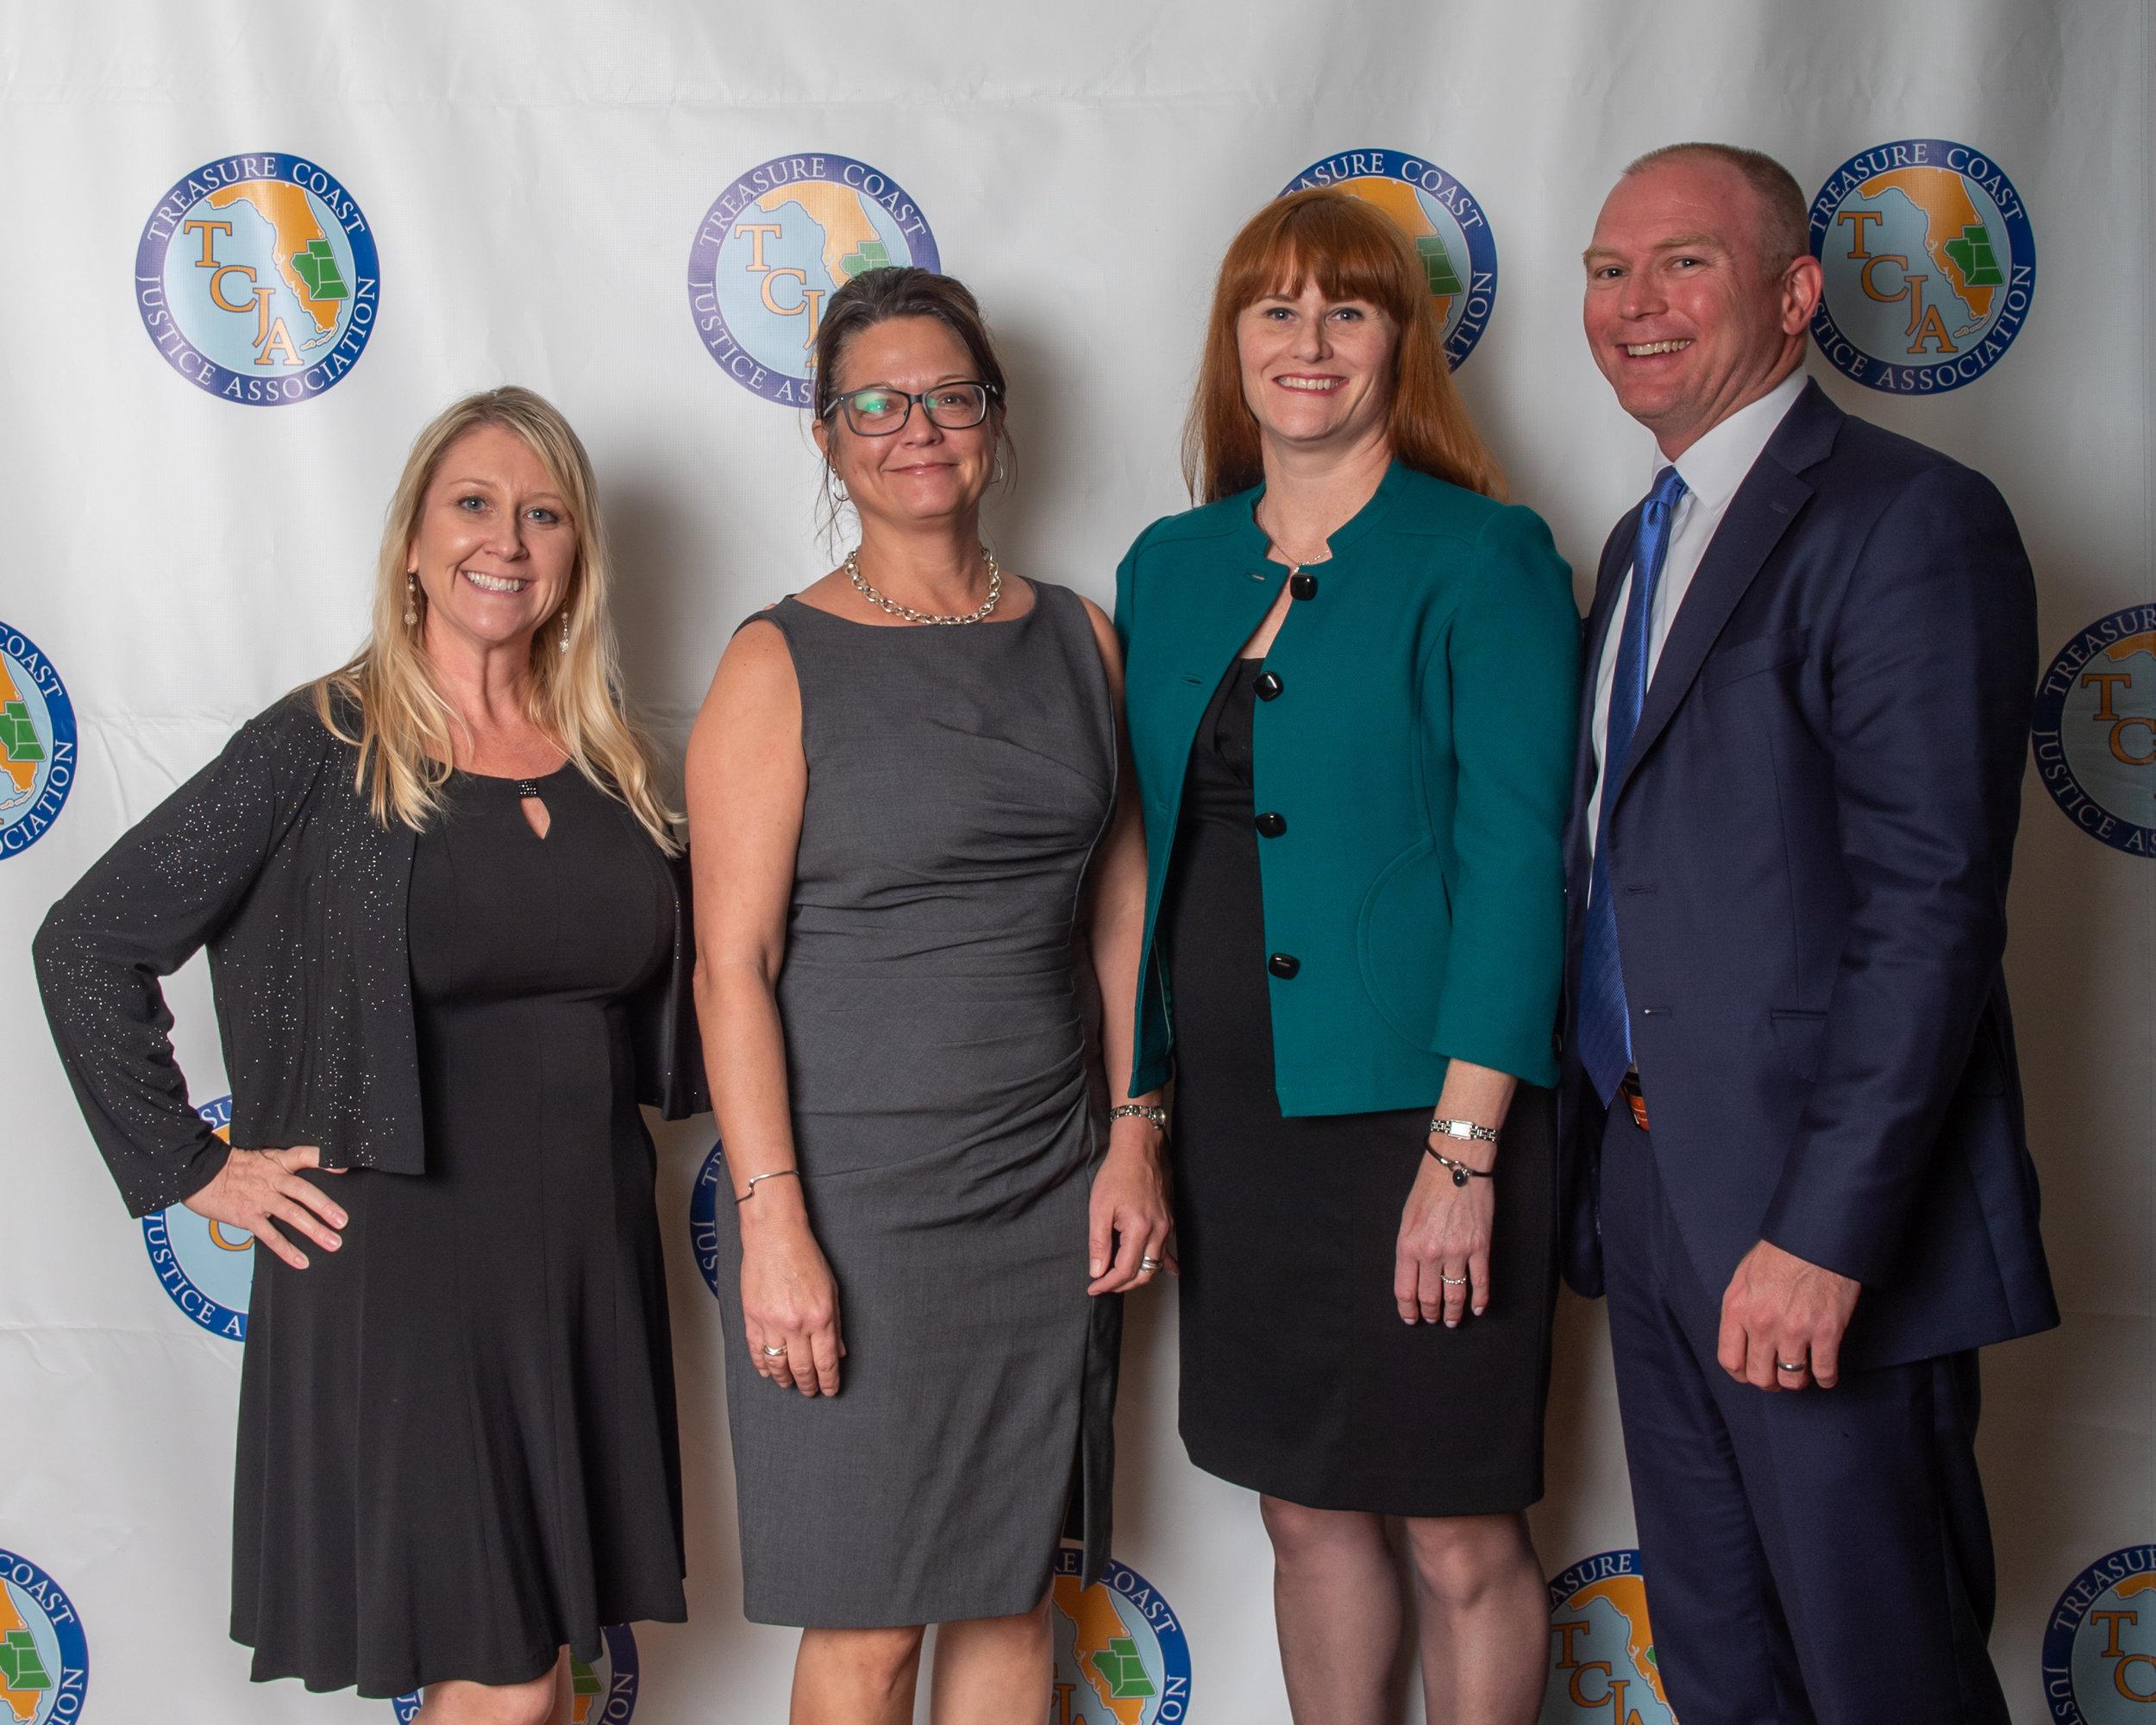 Denise Krebs, Amy Stamm, Keri Norbraten and Todd Norbraten